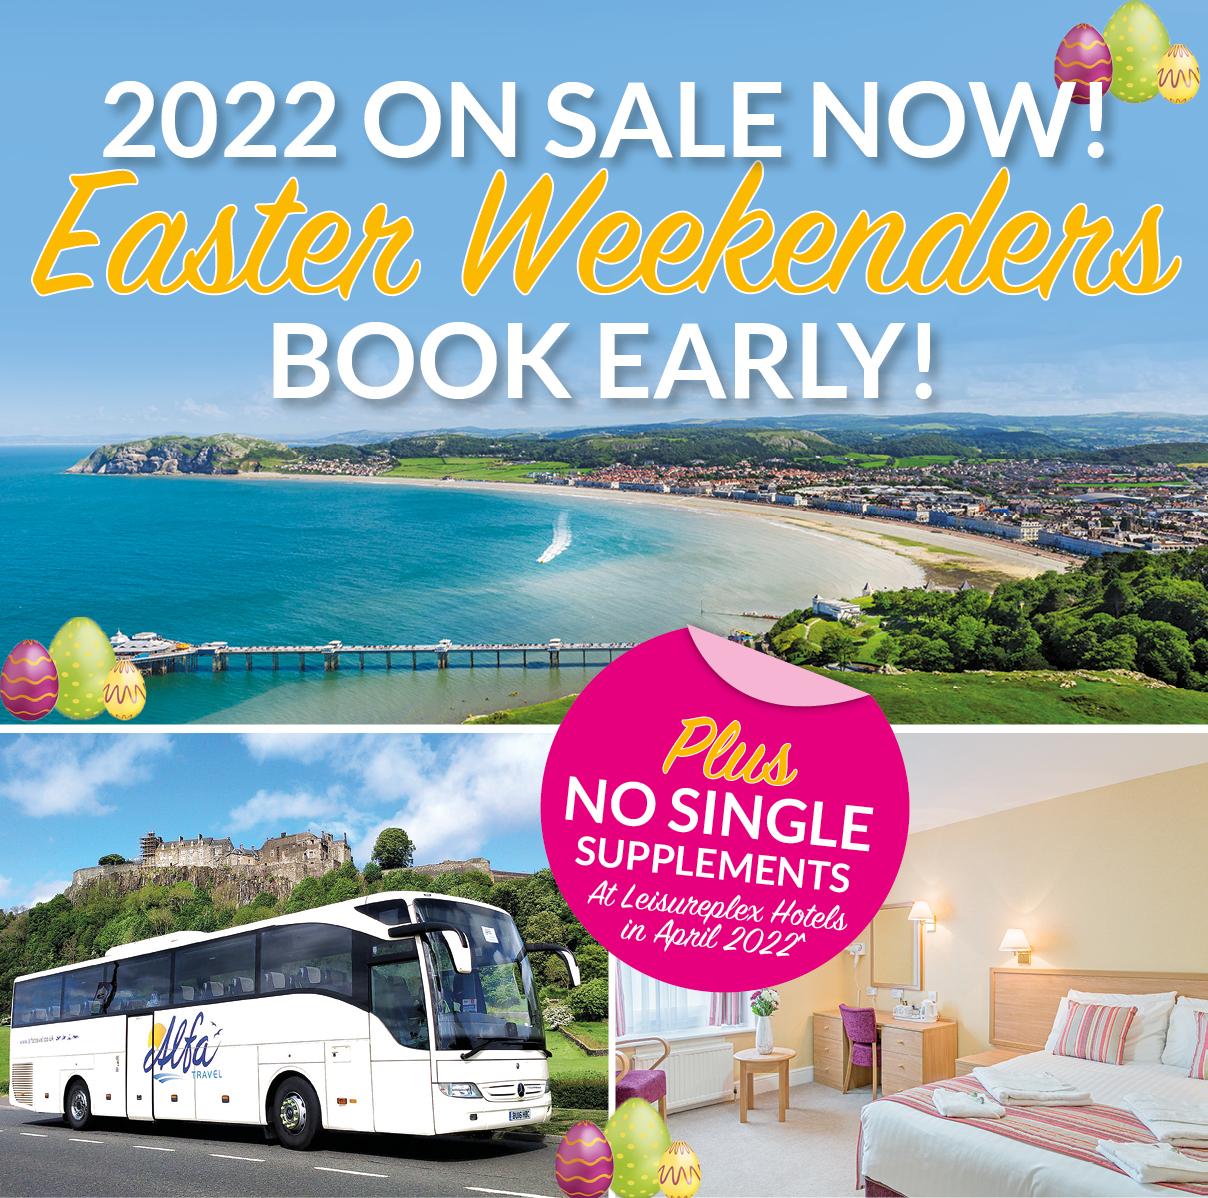 2022 Easter Weekenders